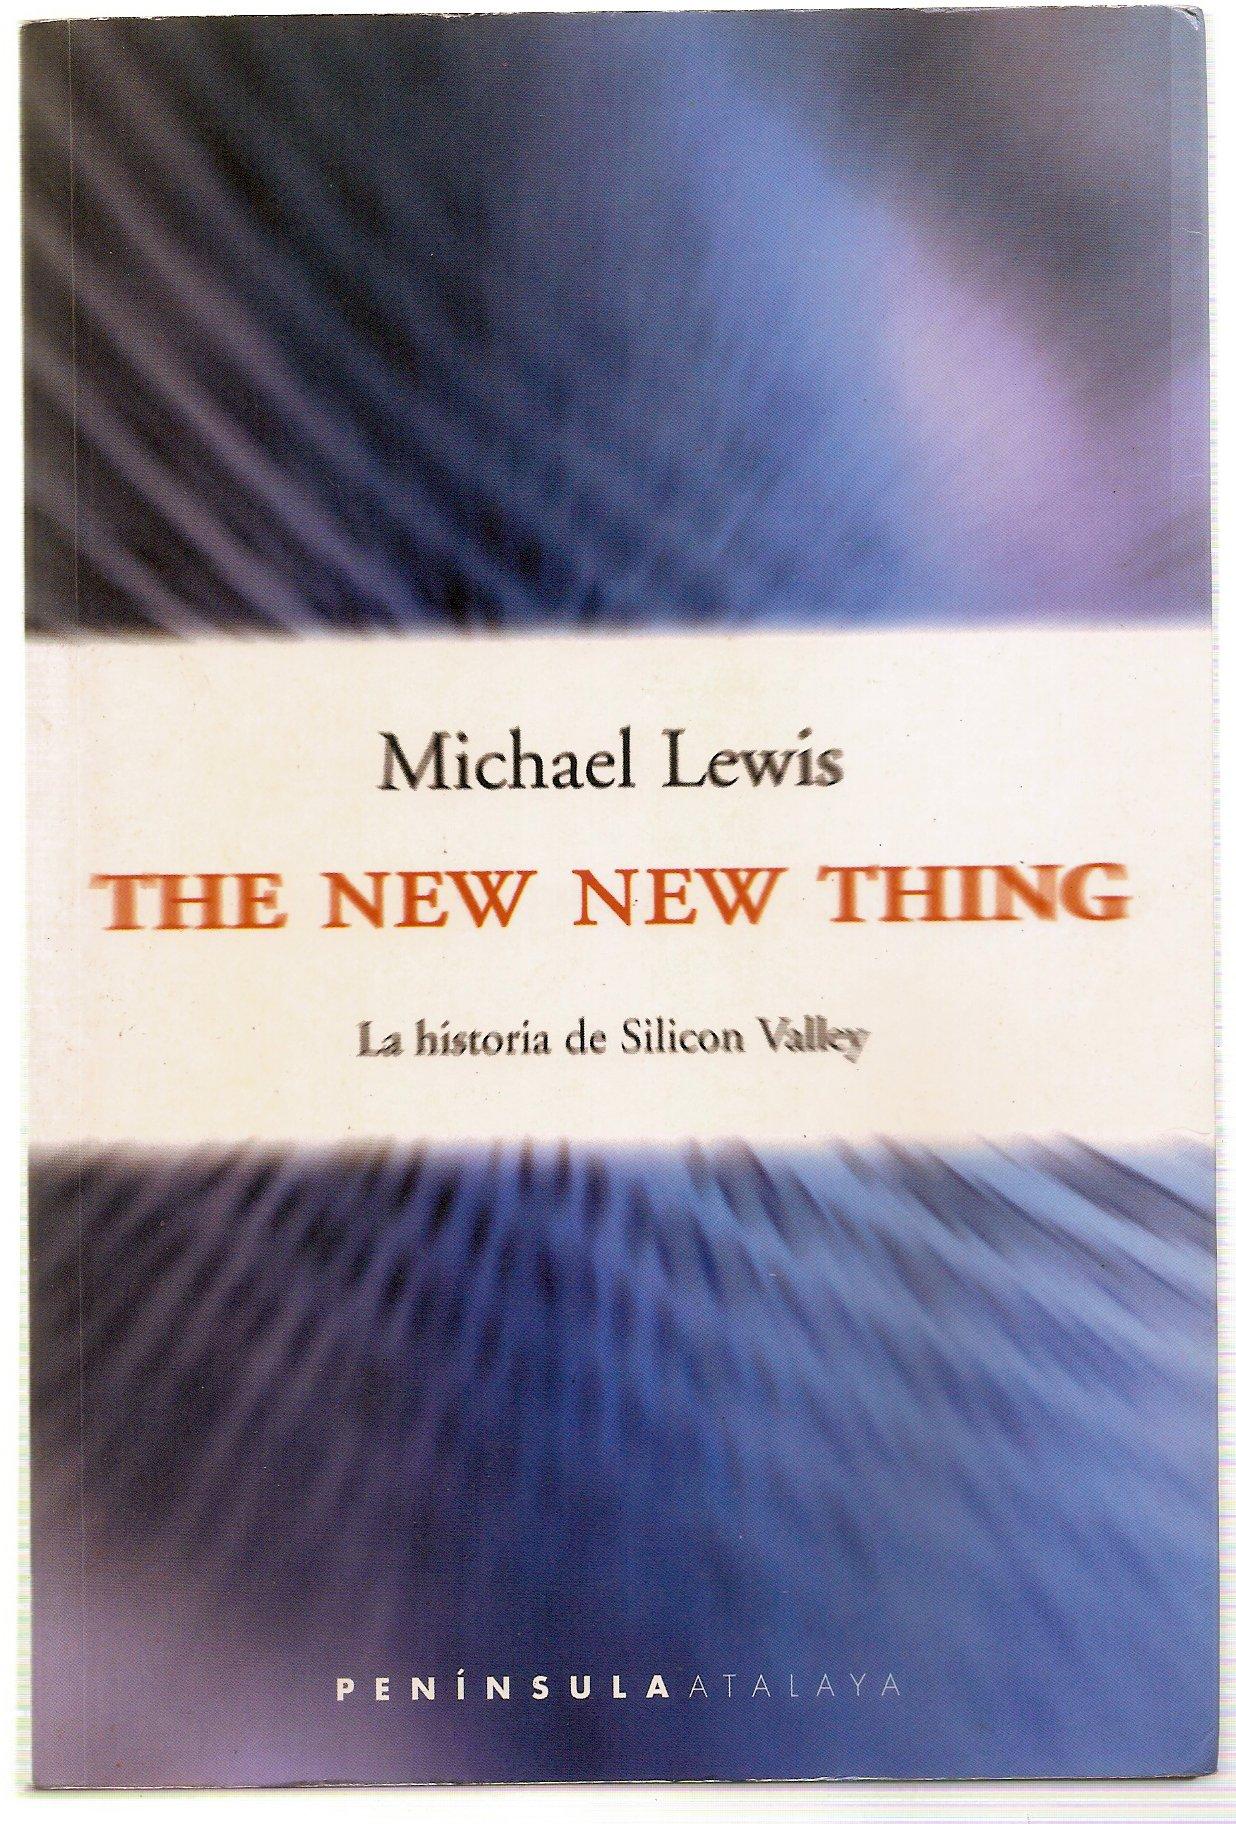 The new new thing, la historia de Silicon Valle